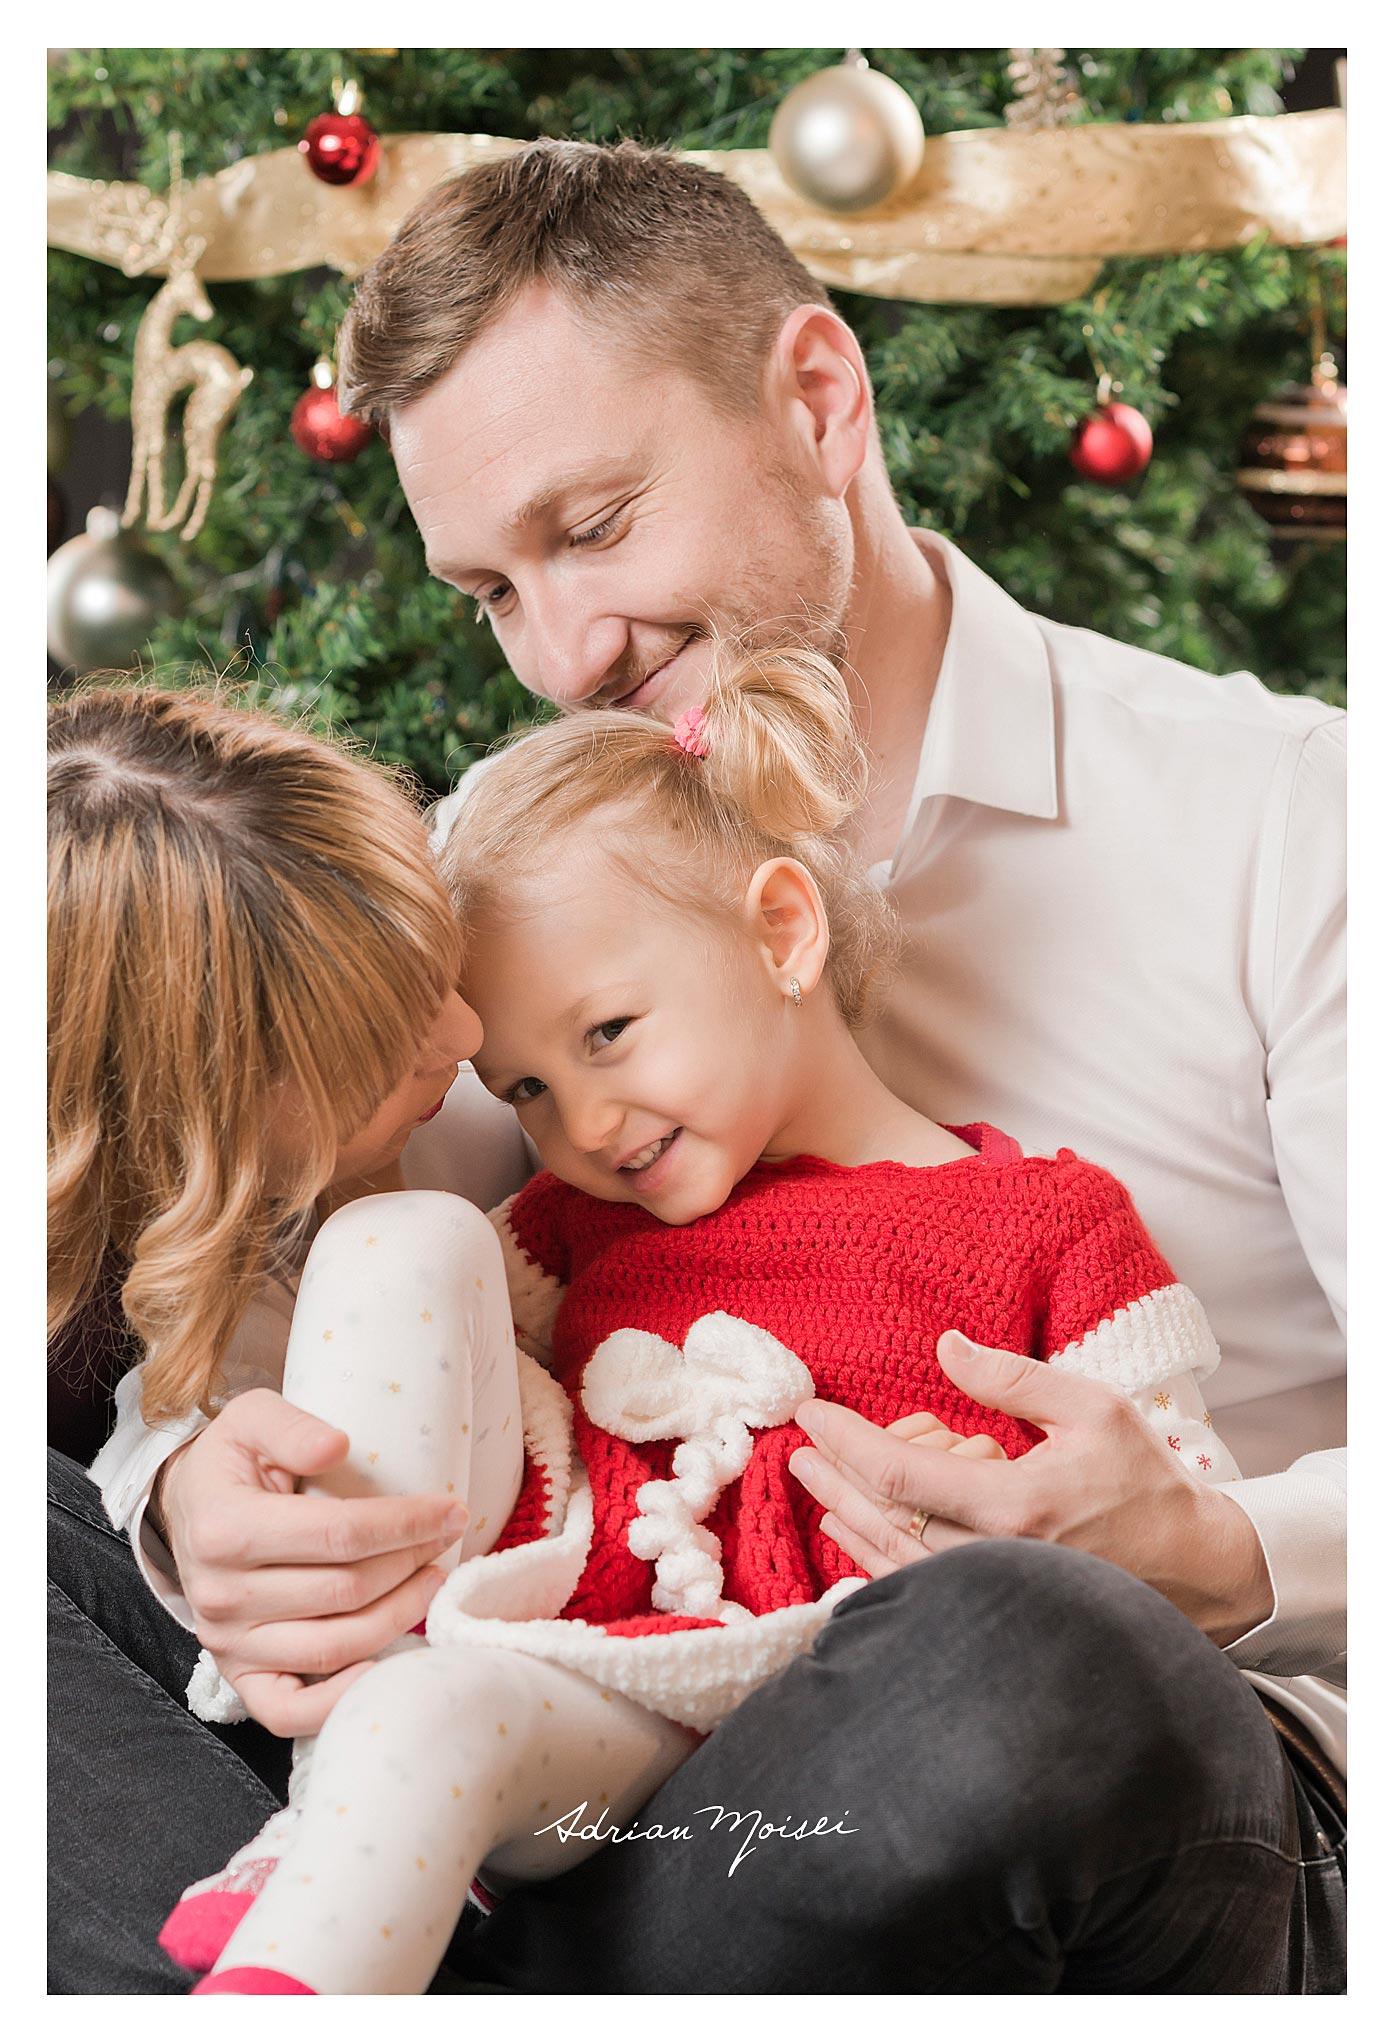 Crăciunul este momentul culminant al bucuriilor și amintirilor copilăriei, fotograf profesionist copii, Adrian Moisei.